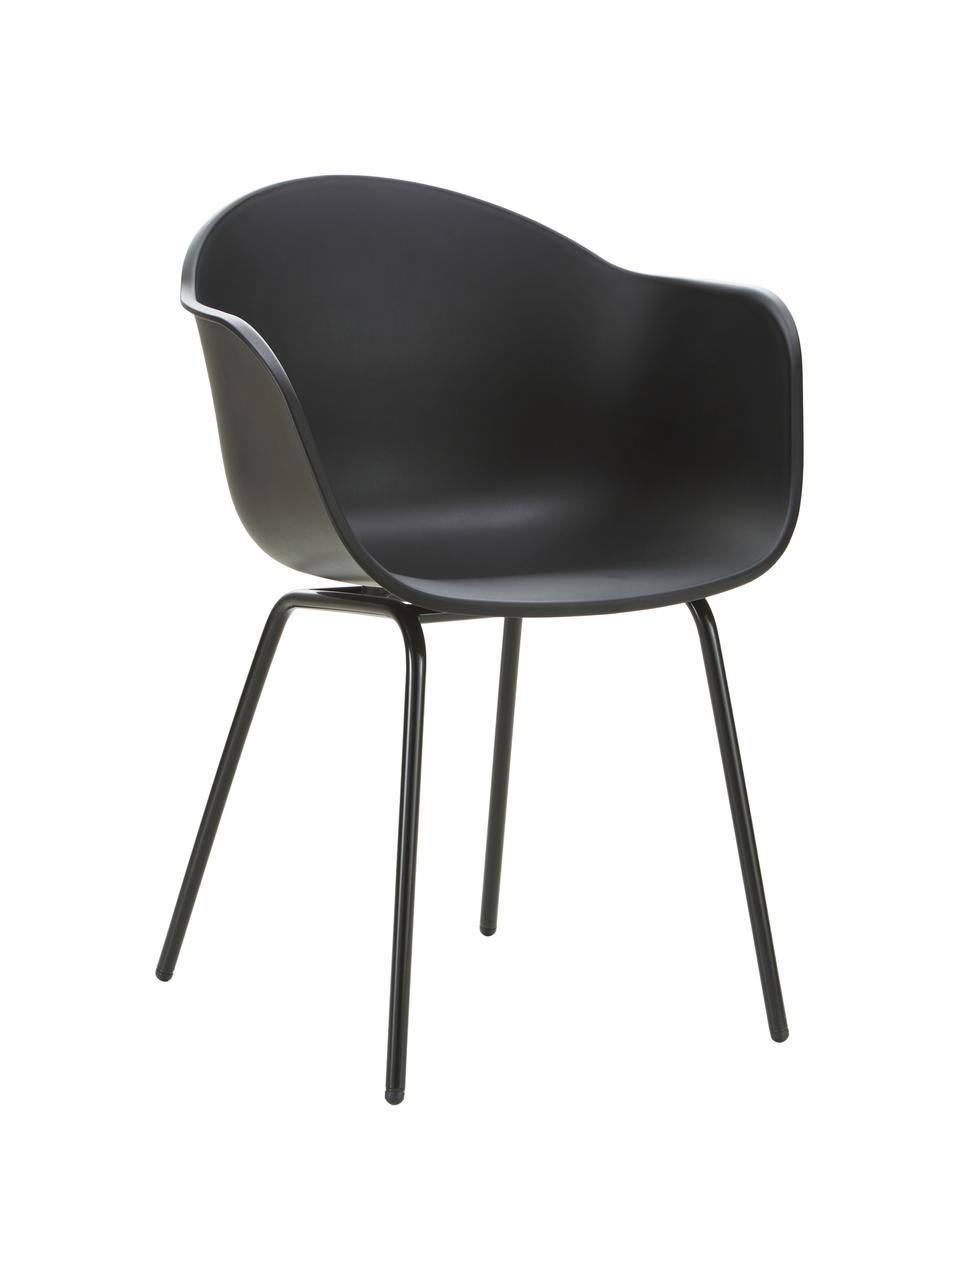 Gartenstuhl Claire in Schwarz, Sitzschale: 65% Kunststoff, 35% Fiber, Beine: Metall, pulverbeschichtet, Schwarz, B 60 x T 54 cm